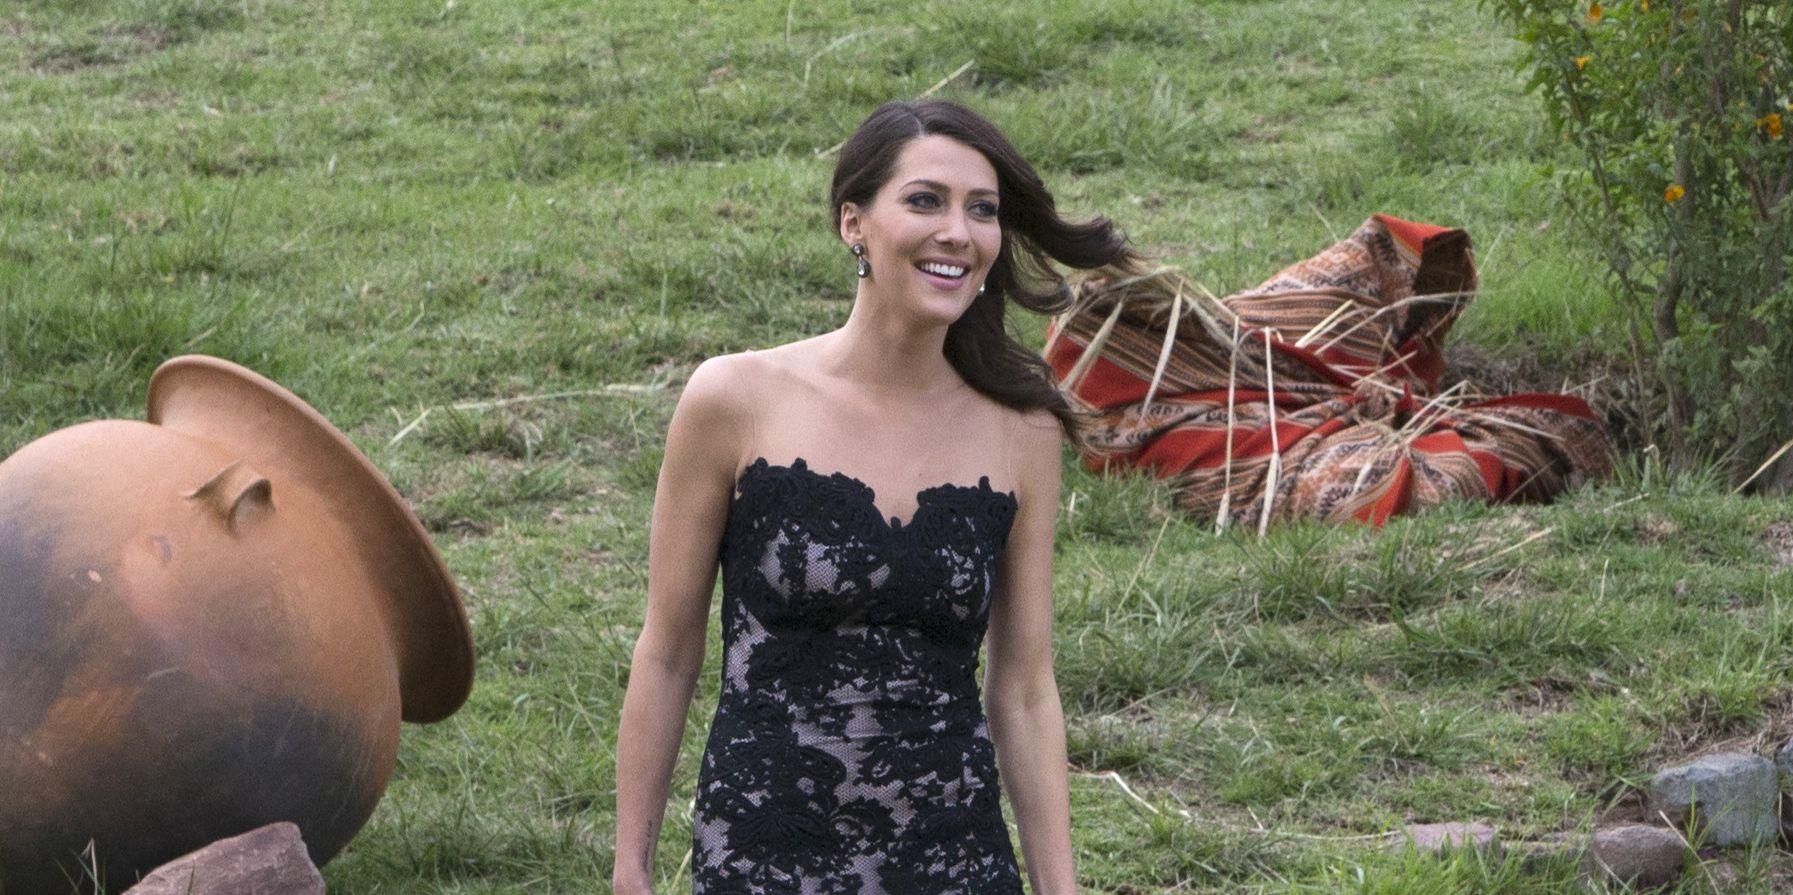 Becca on The Bachelor